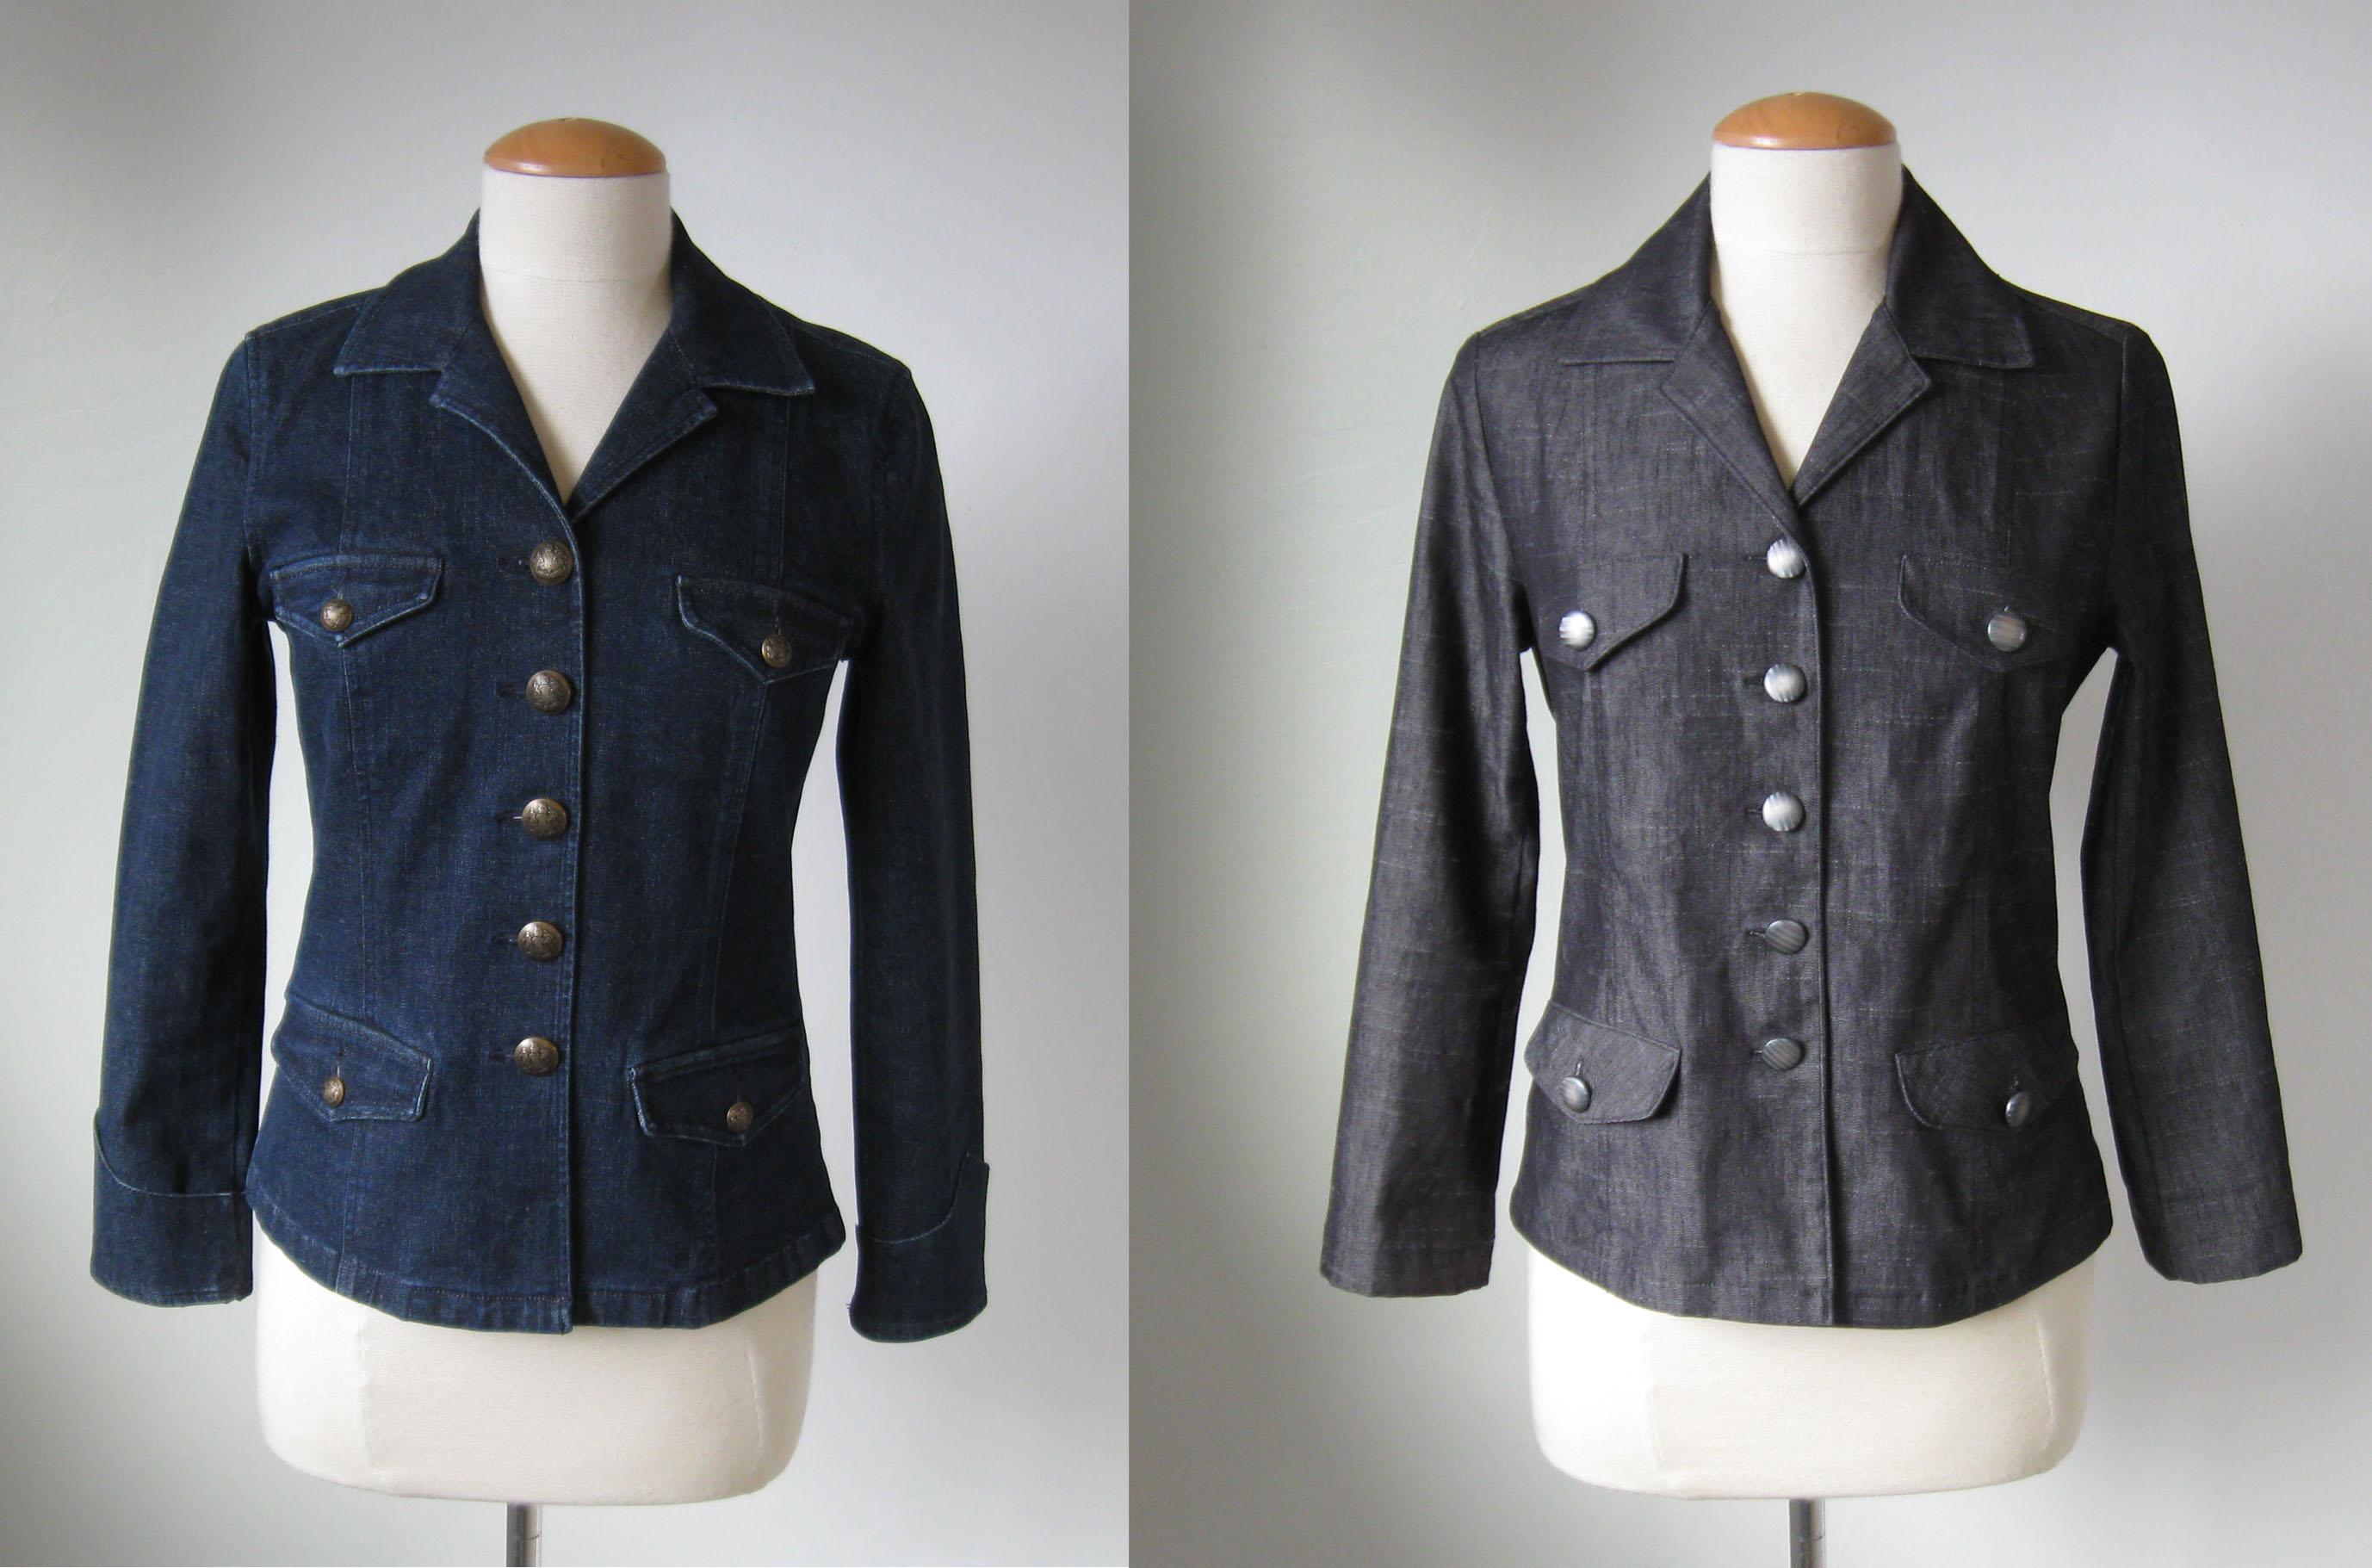 Two denim jackets